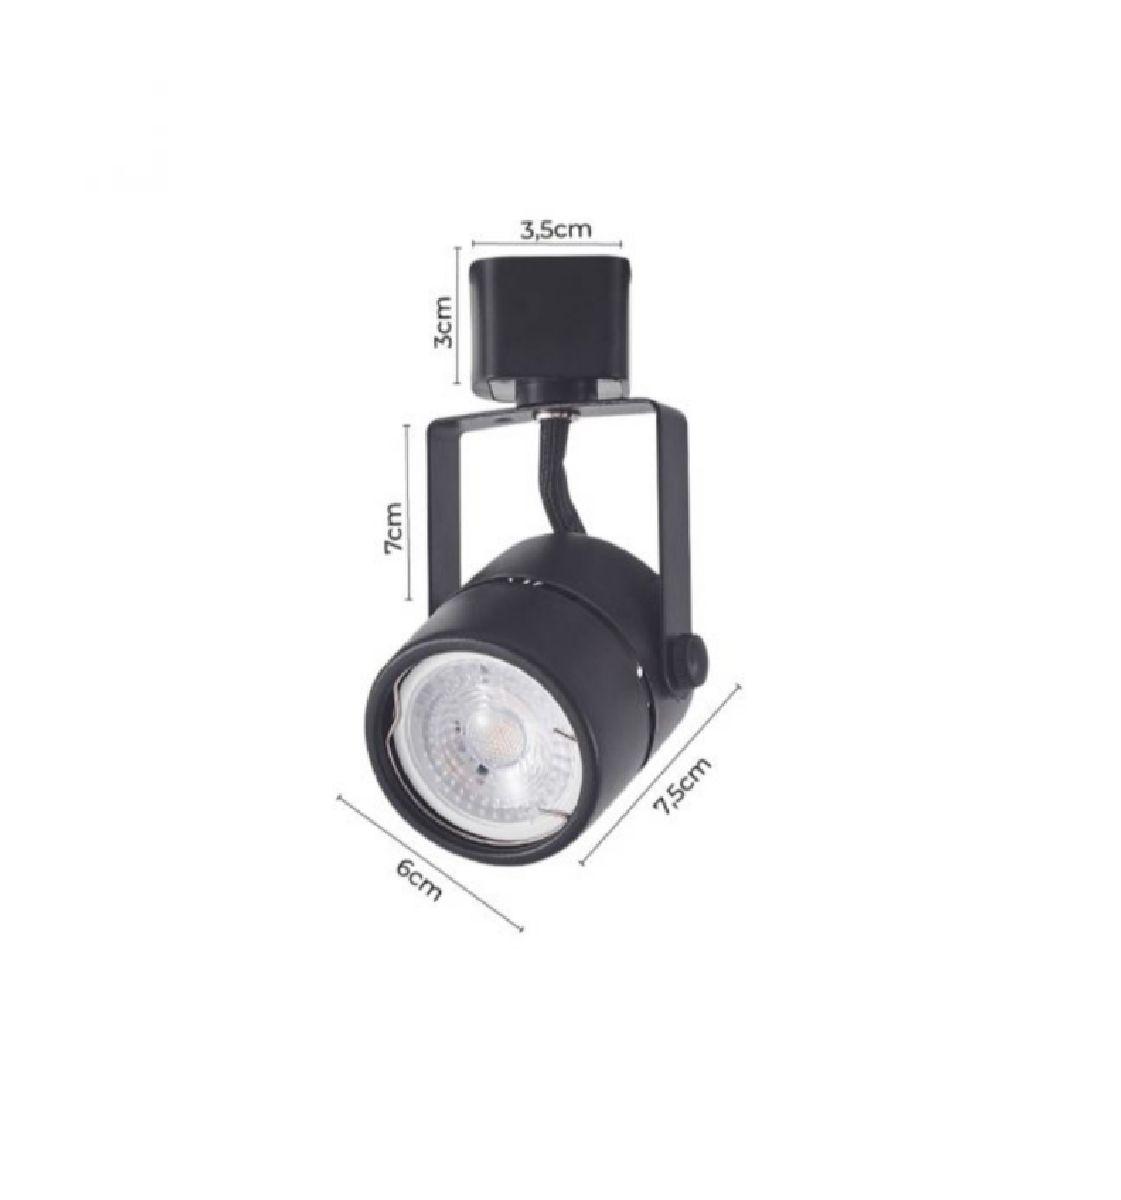 Spot Para Trilho Eletrificado Redondo Dicroica MR16 / GU10 Nordecor Preto P/ Sala Quarto Cozinha Quadro Bivolt